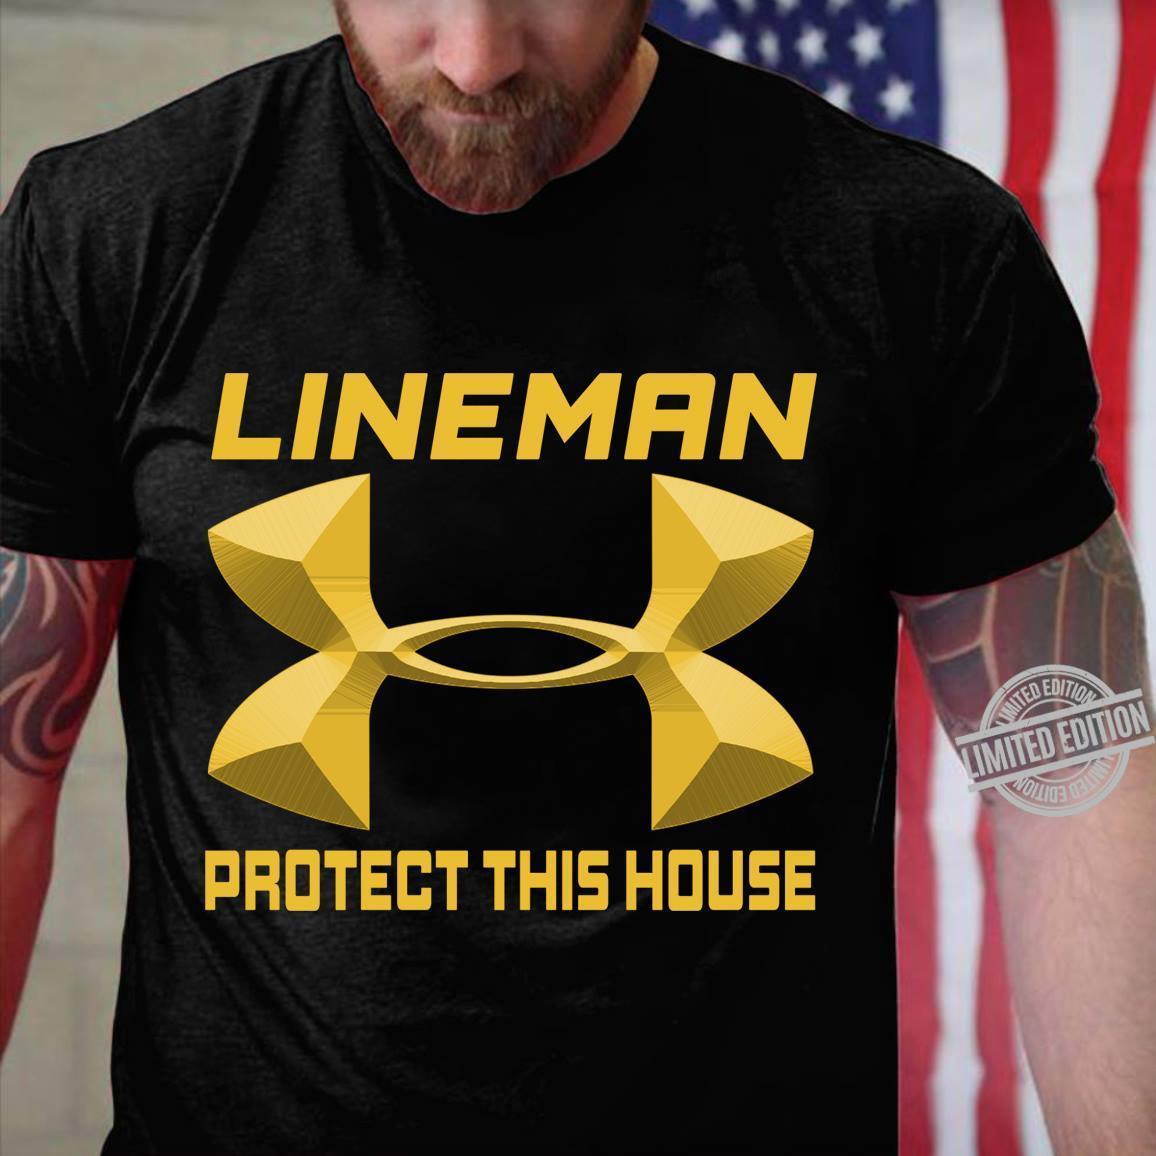 Lineman Protect This House Shirt